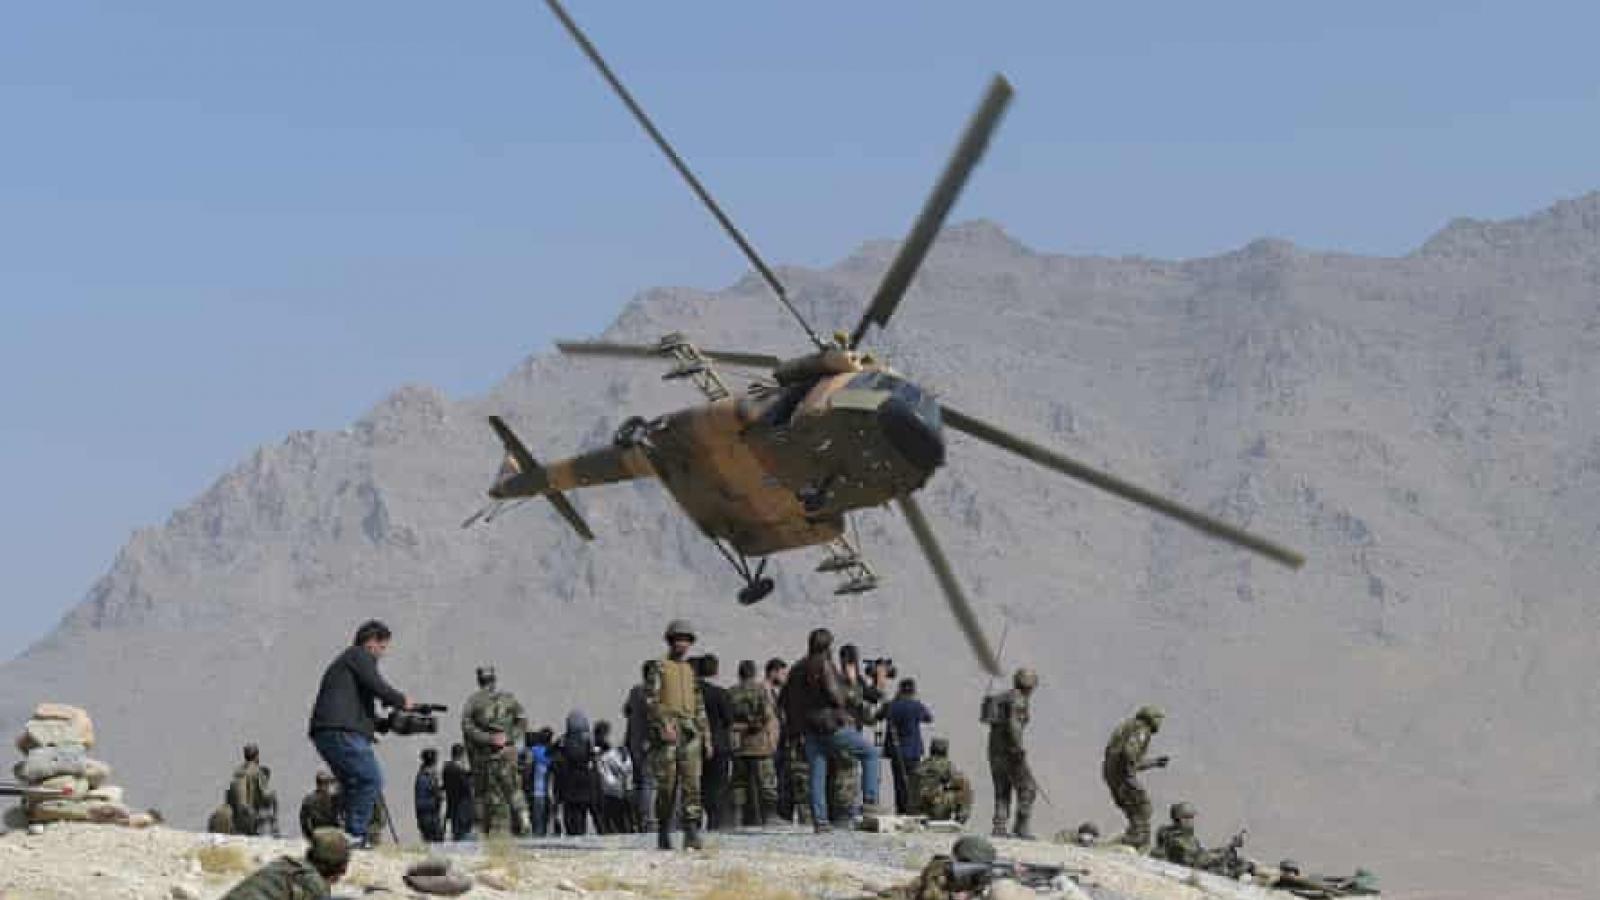 Taliban thu giữ hơn 100 trực thăng Mi-17 của quân đội Afghanistan